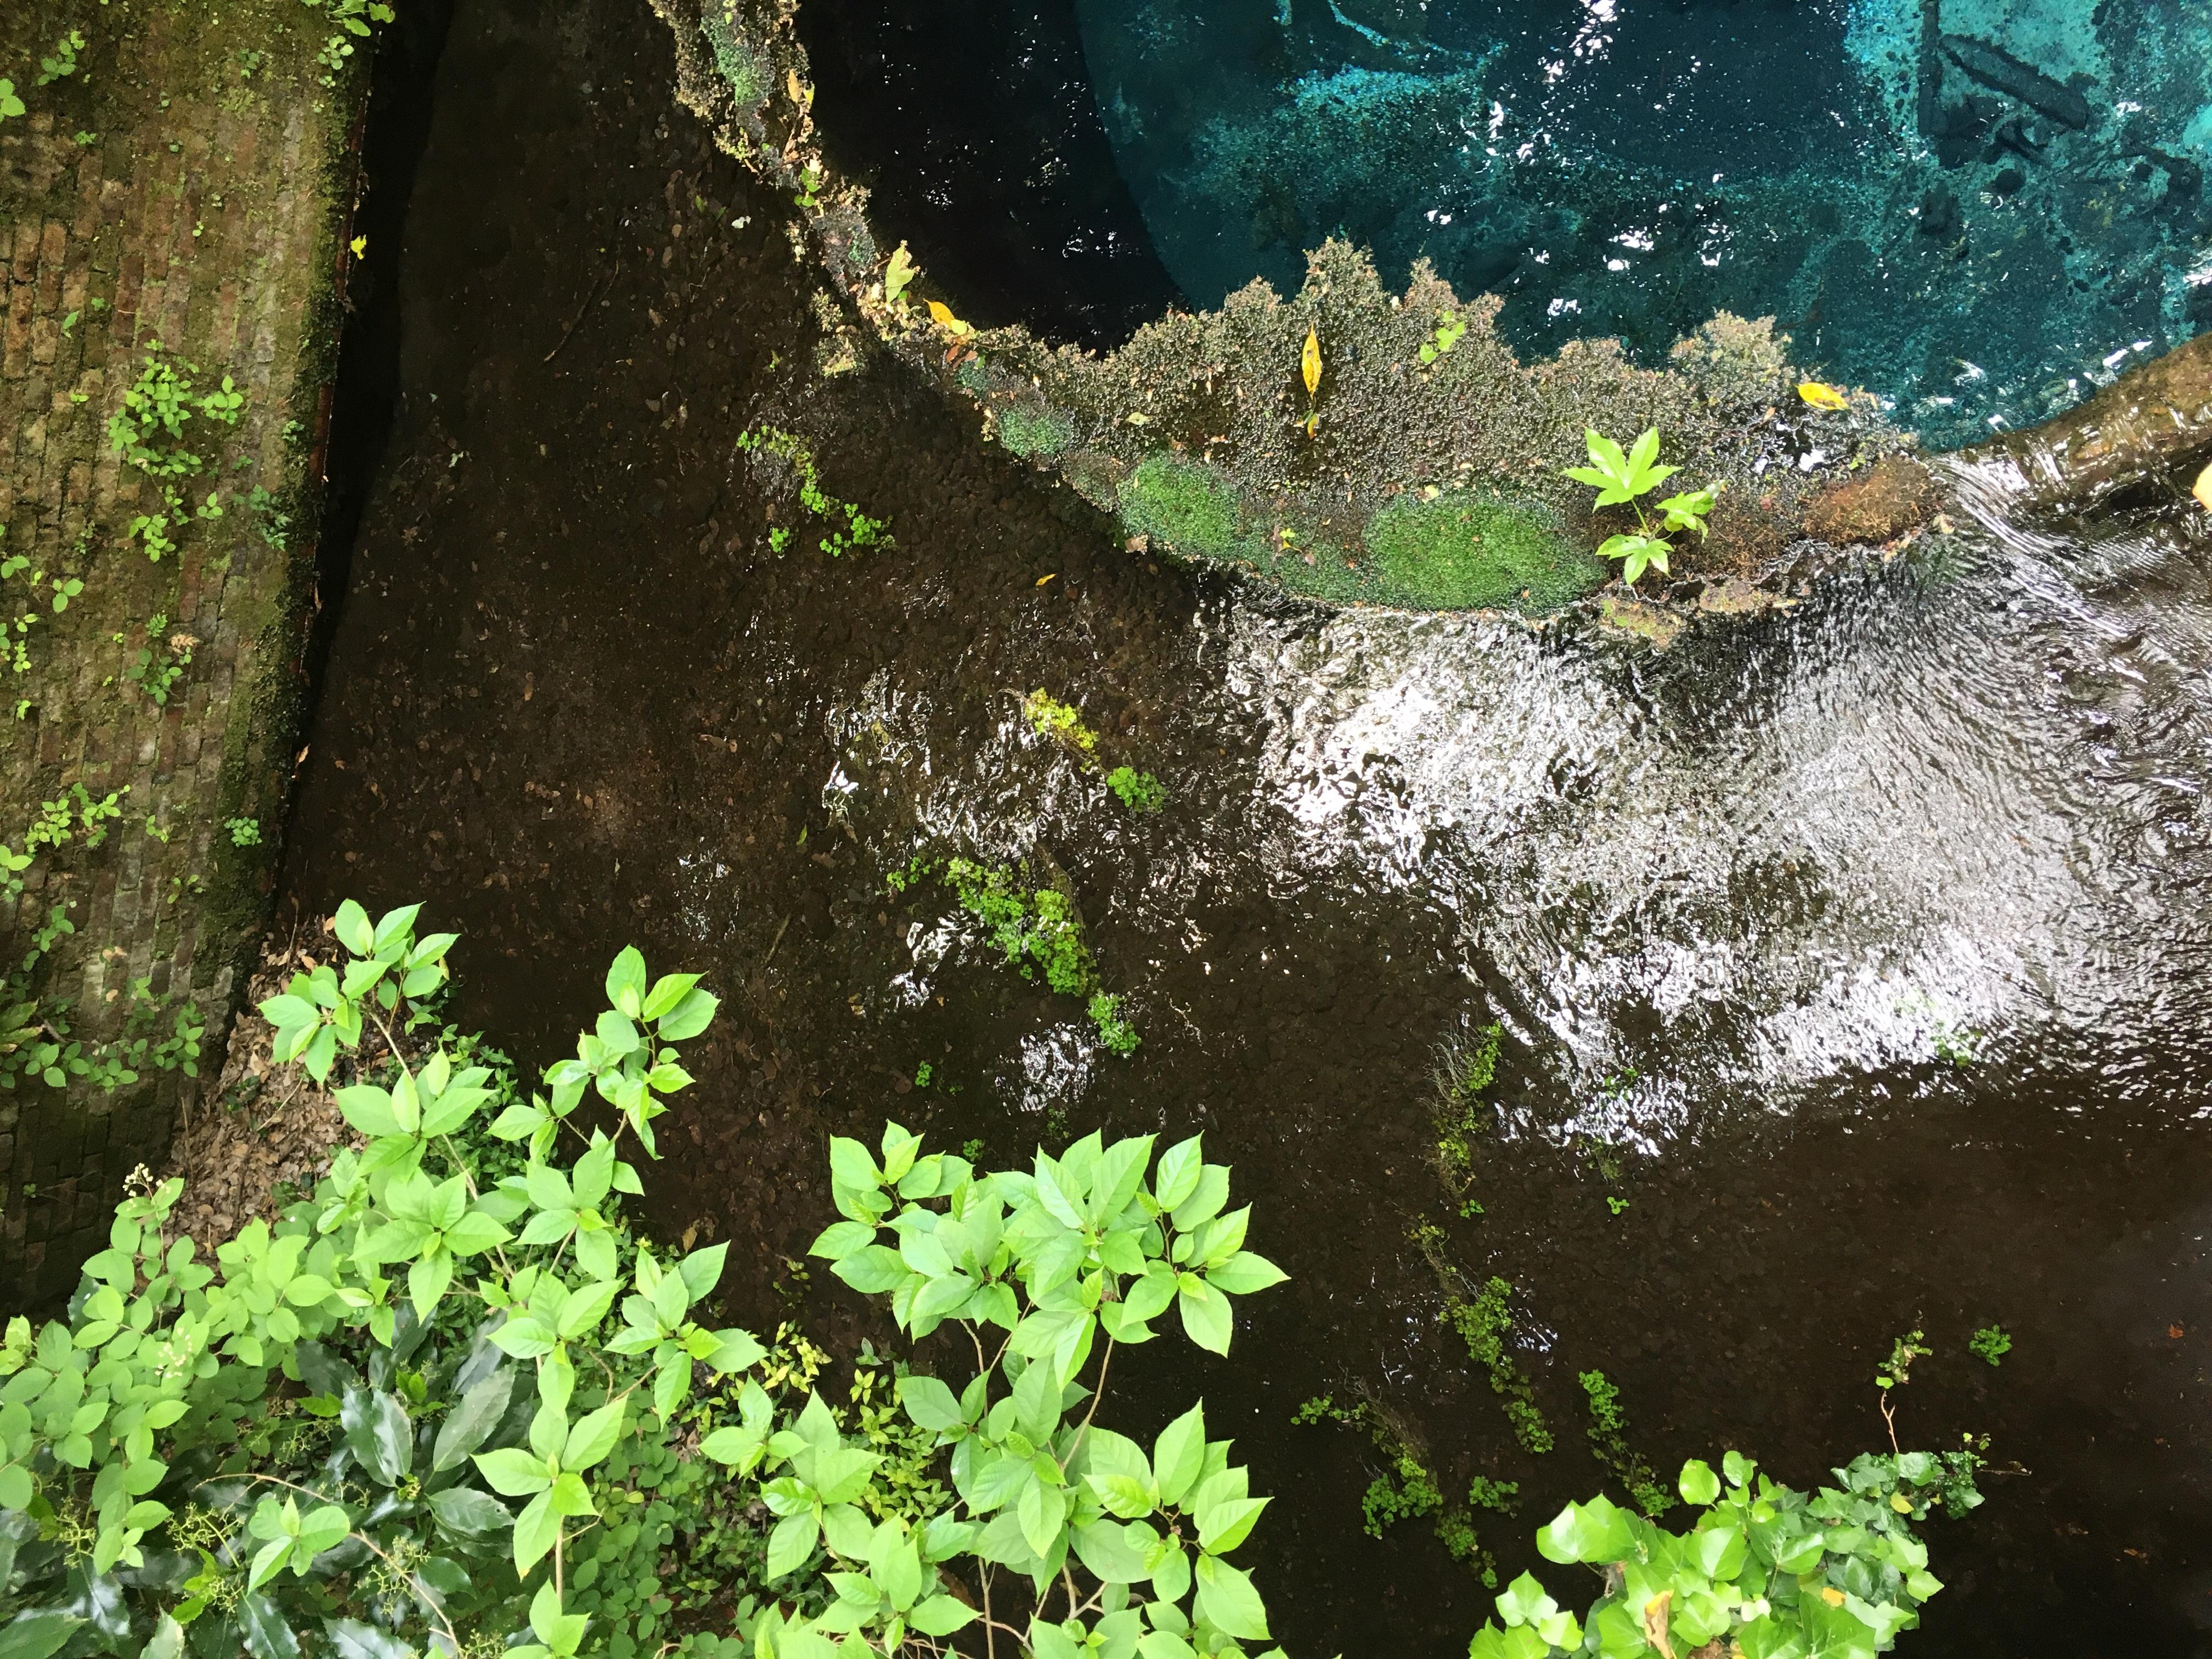 柿田川湧水群の水は、富士山からの湧水で、透明で綺麗な湧水た!